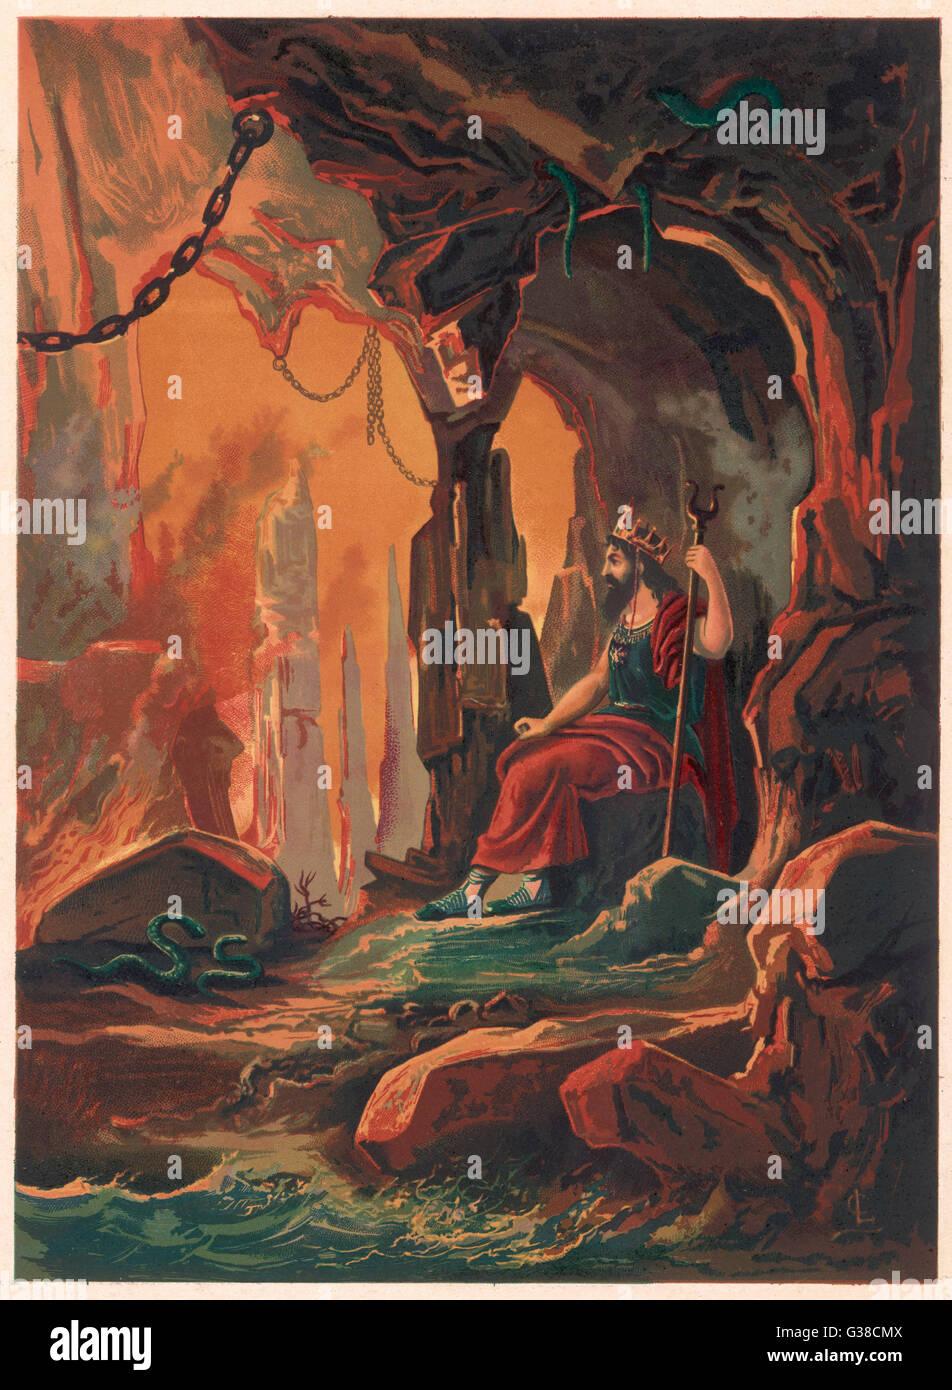 Der Herrscher der Unterwelt betrachtet seine Domäne Stockbild